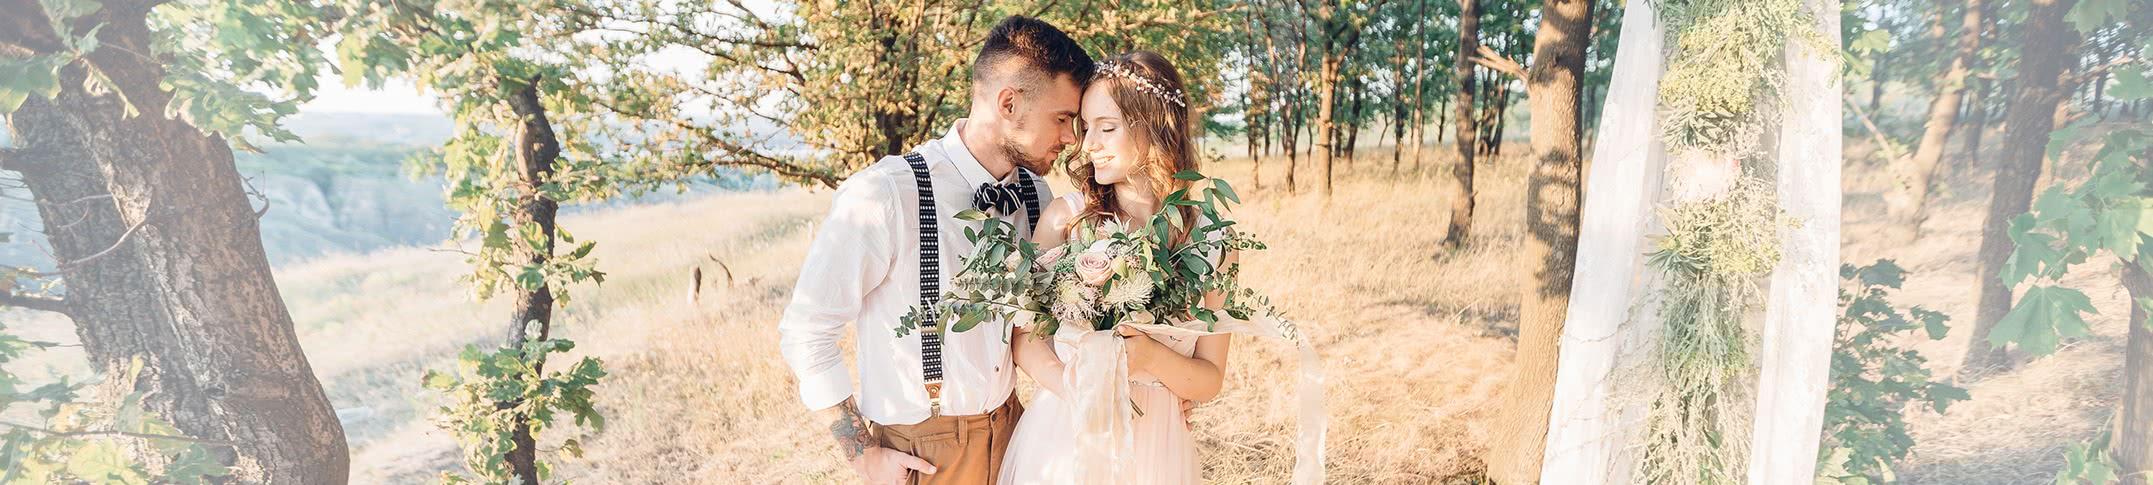 Bröllop - Skapa personliga Fotoprodukter till bröllopet!